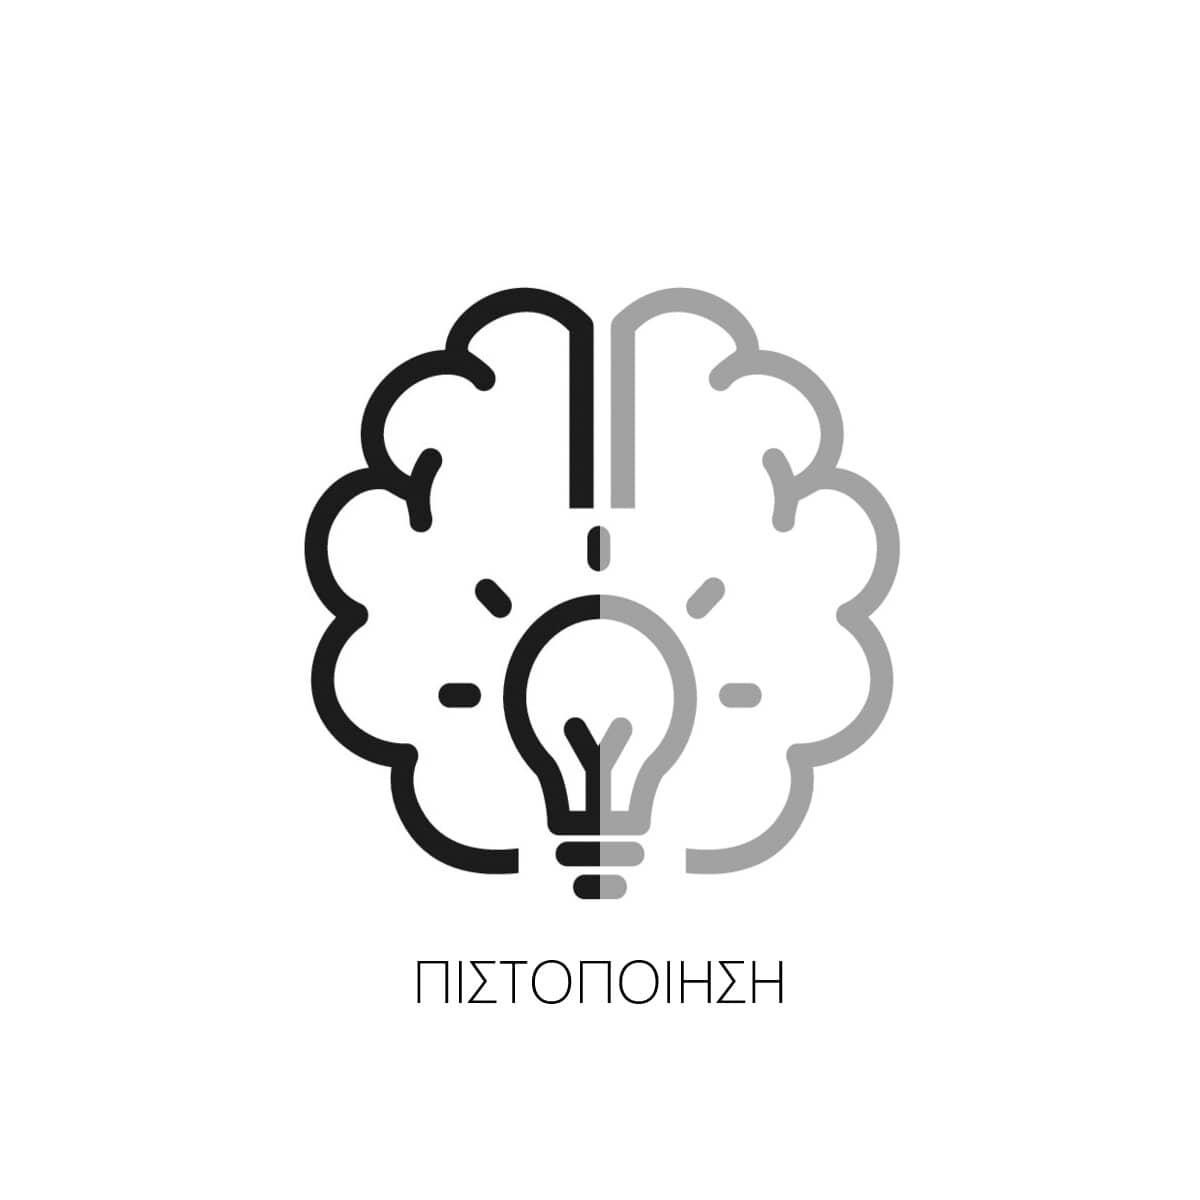 Ένας εγκέφαλος συμβολίζει τη γνώση και την πιστοποίηση που παρέχει η Alumil Academy στους κατασκευαστές